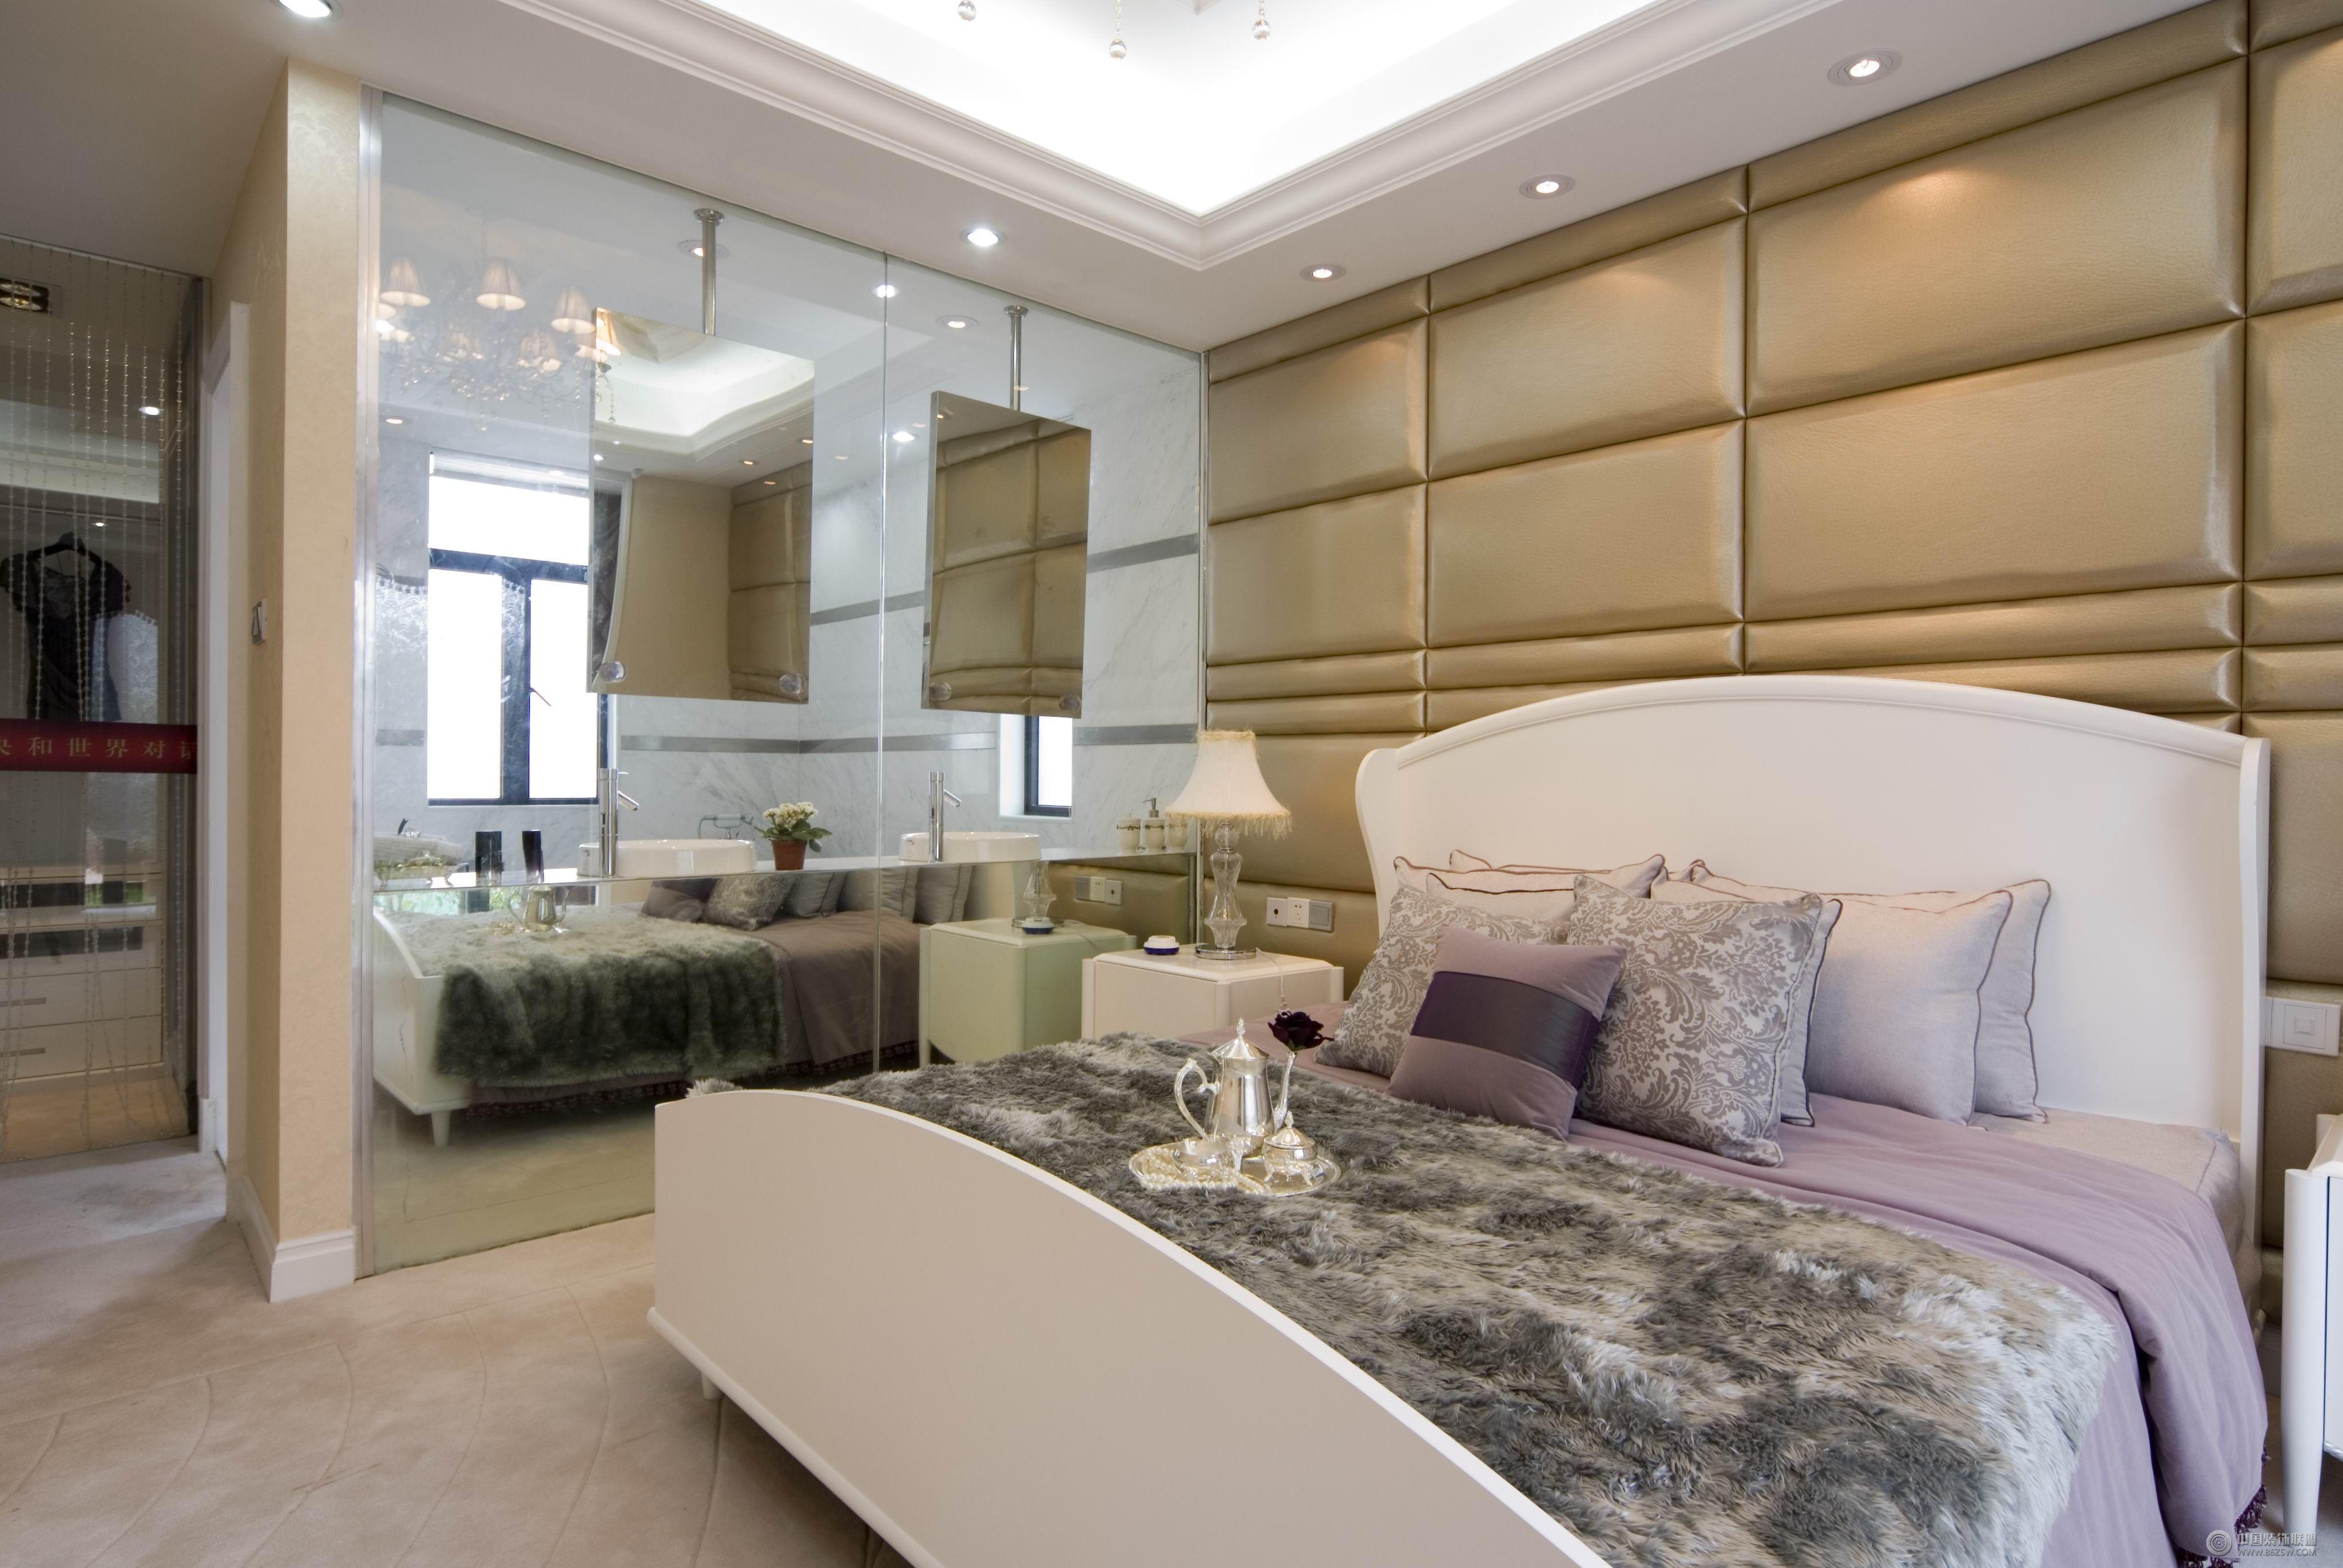 欧式四室两厅家装图_欧式大户型装修效果图_八六(中国